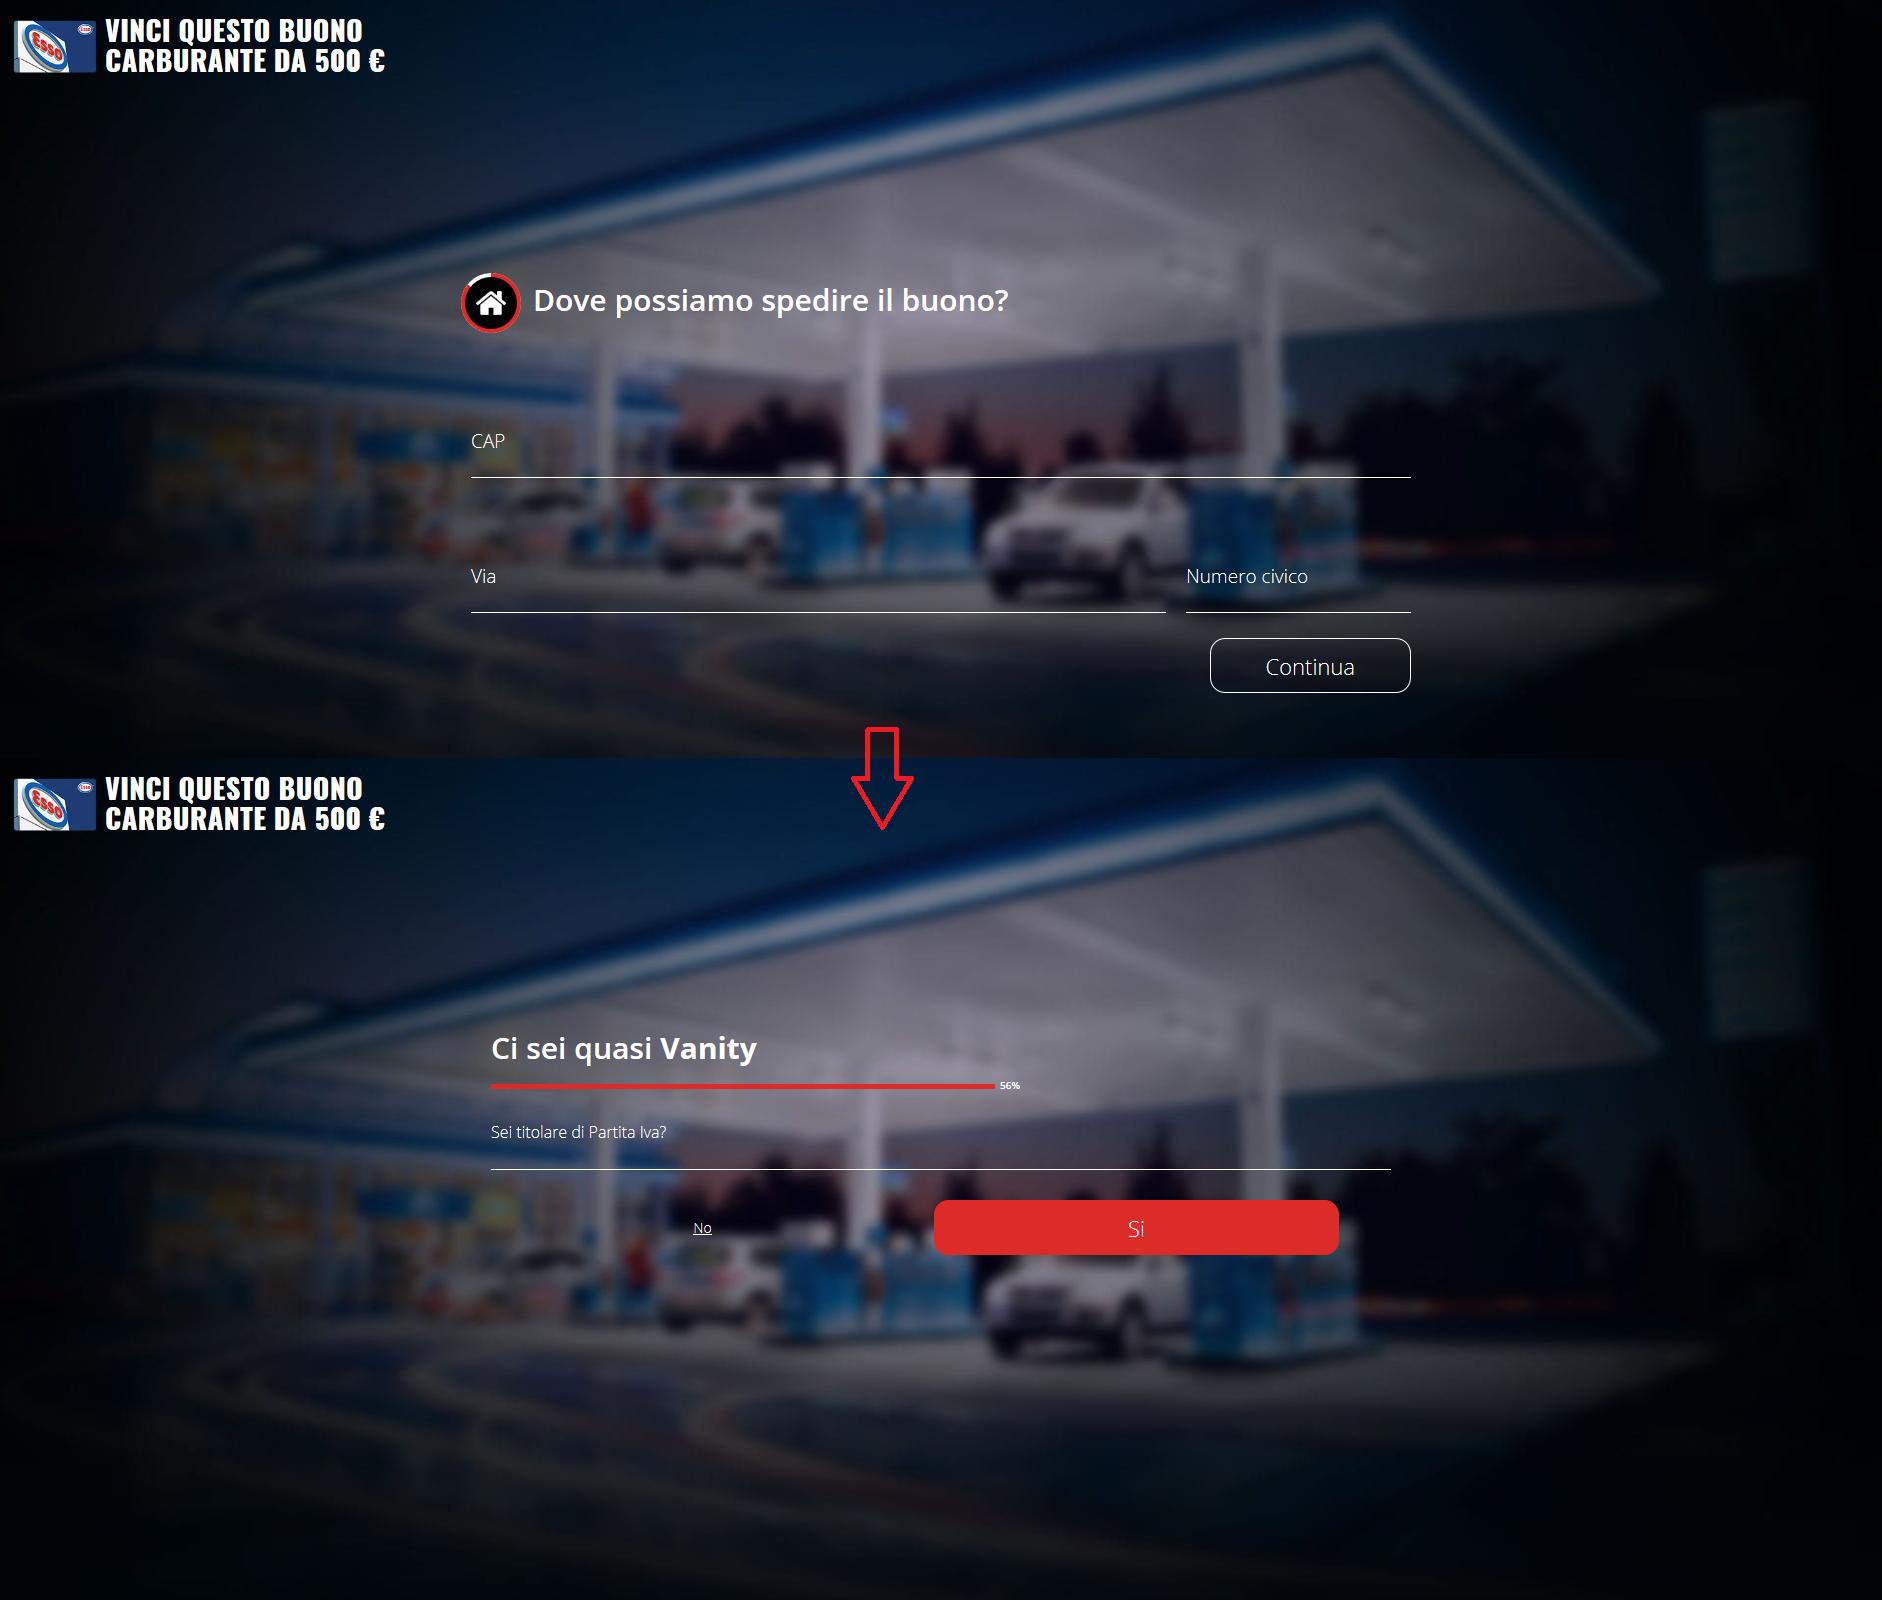 Clicca per ingrandire l'immagine del sondaggio da completare per provare a vincere un buono carburante ESSO del valore di 500 Euro ma che in realtà è una TRUFFA!